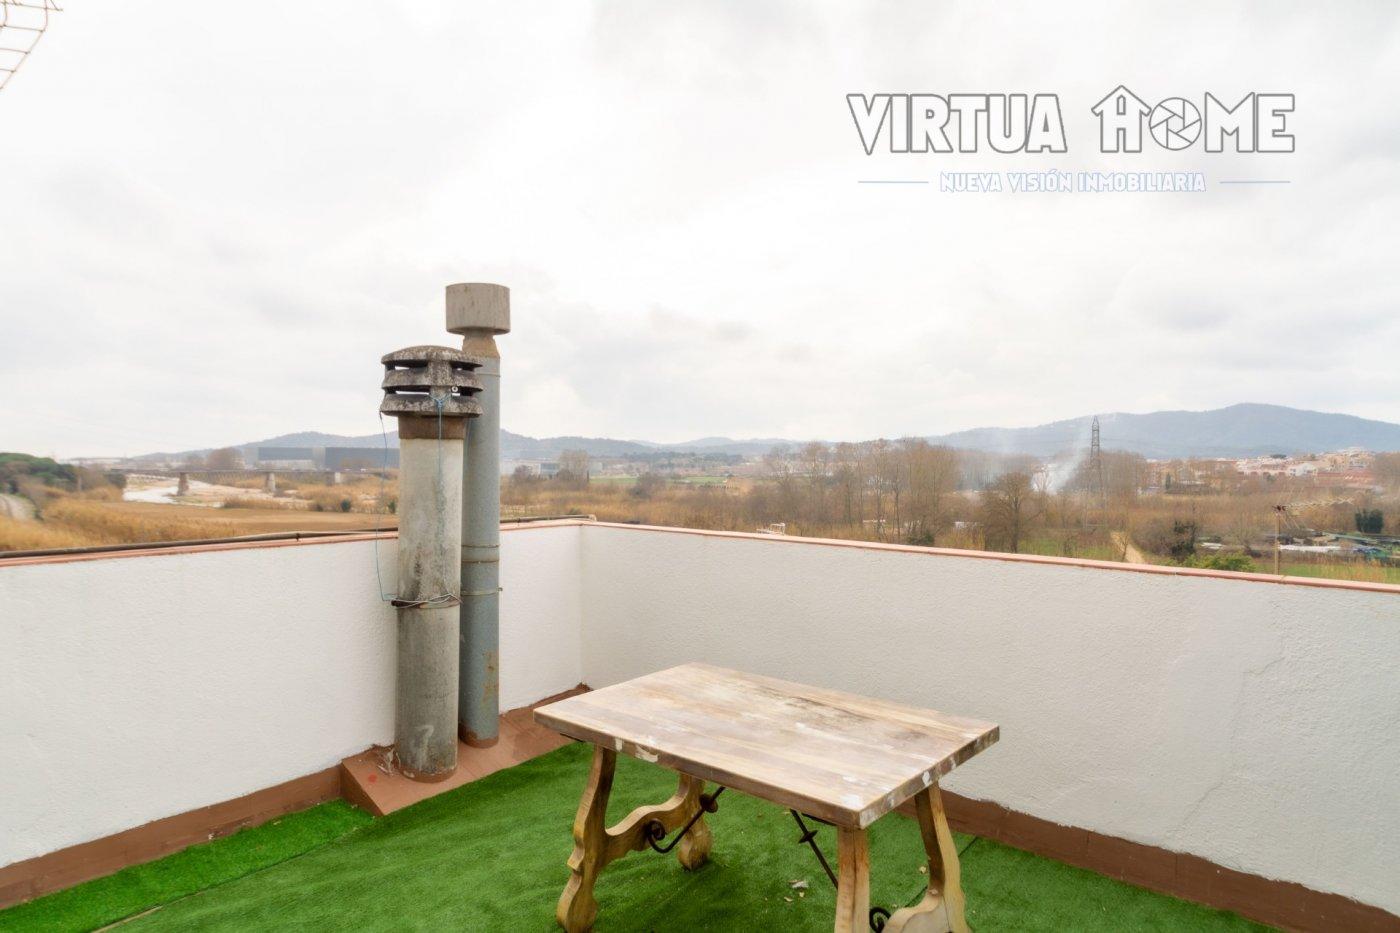 Ático de 3 habitaciones con preciosas vistas a la montaña - imagenInmueble0